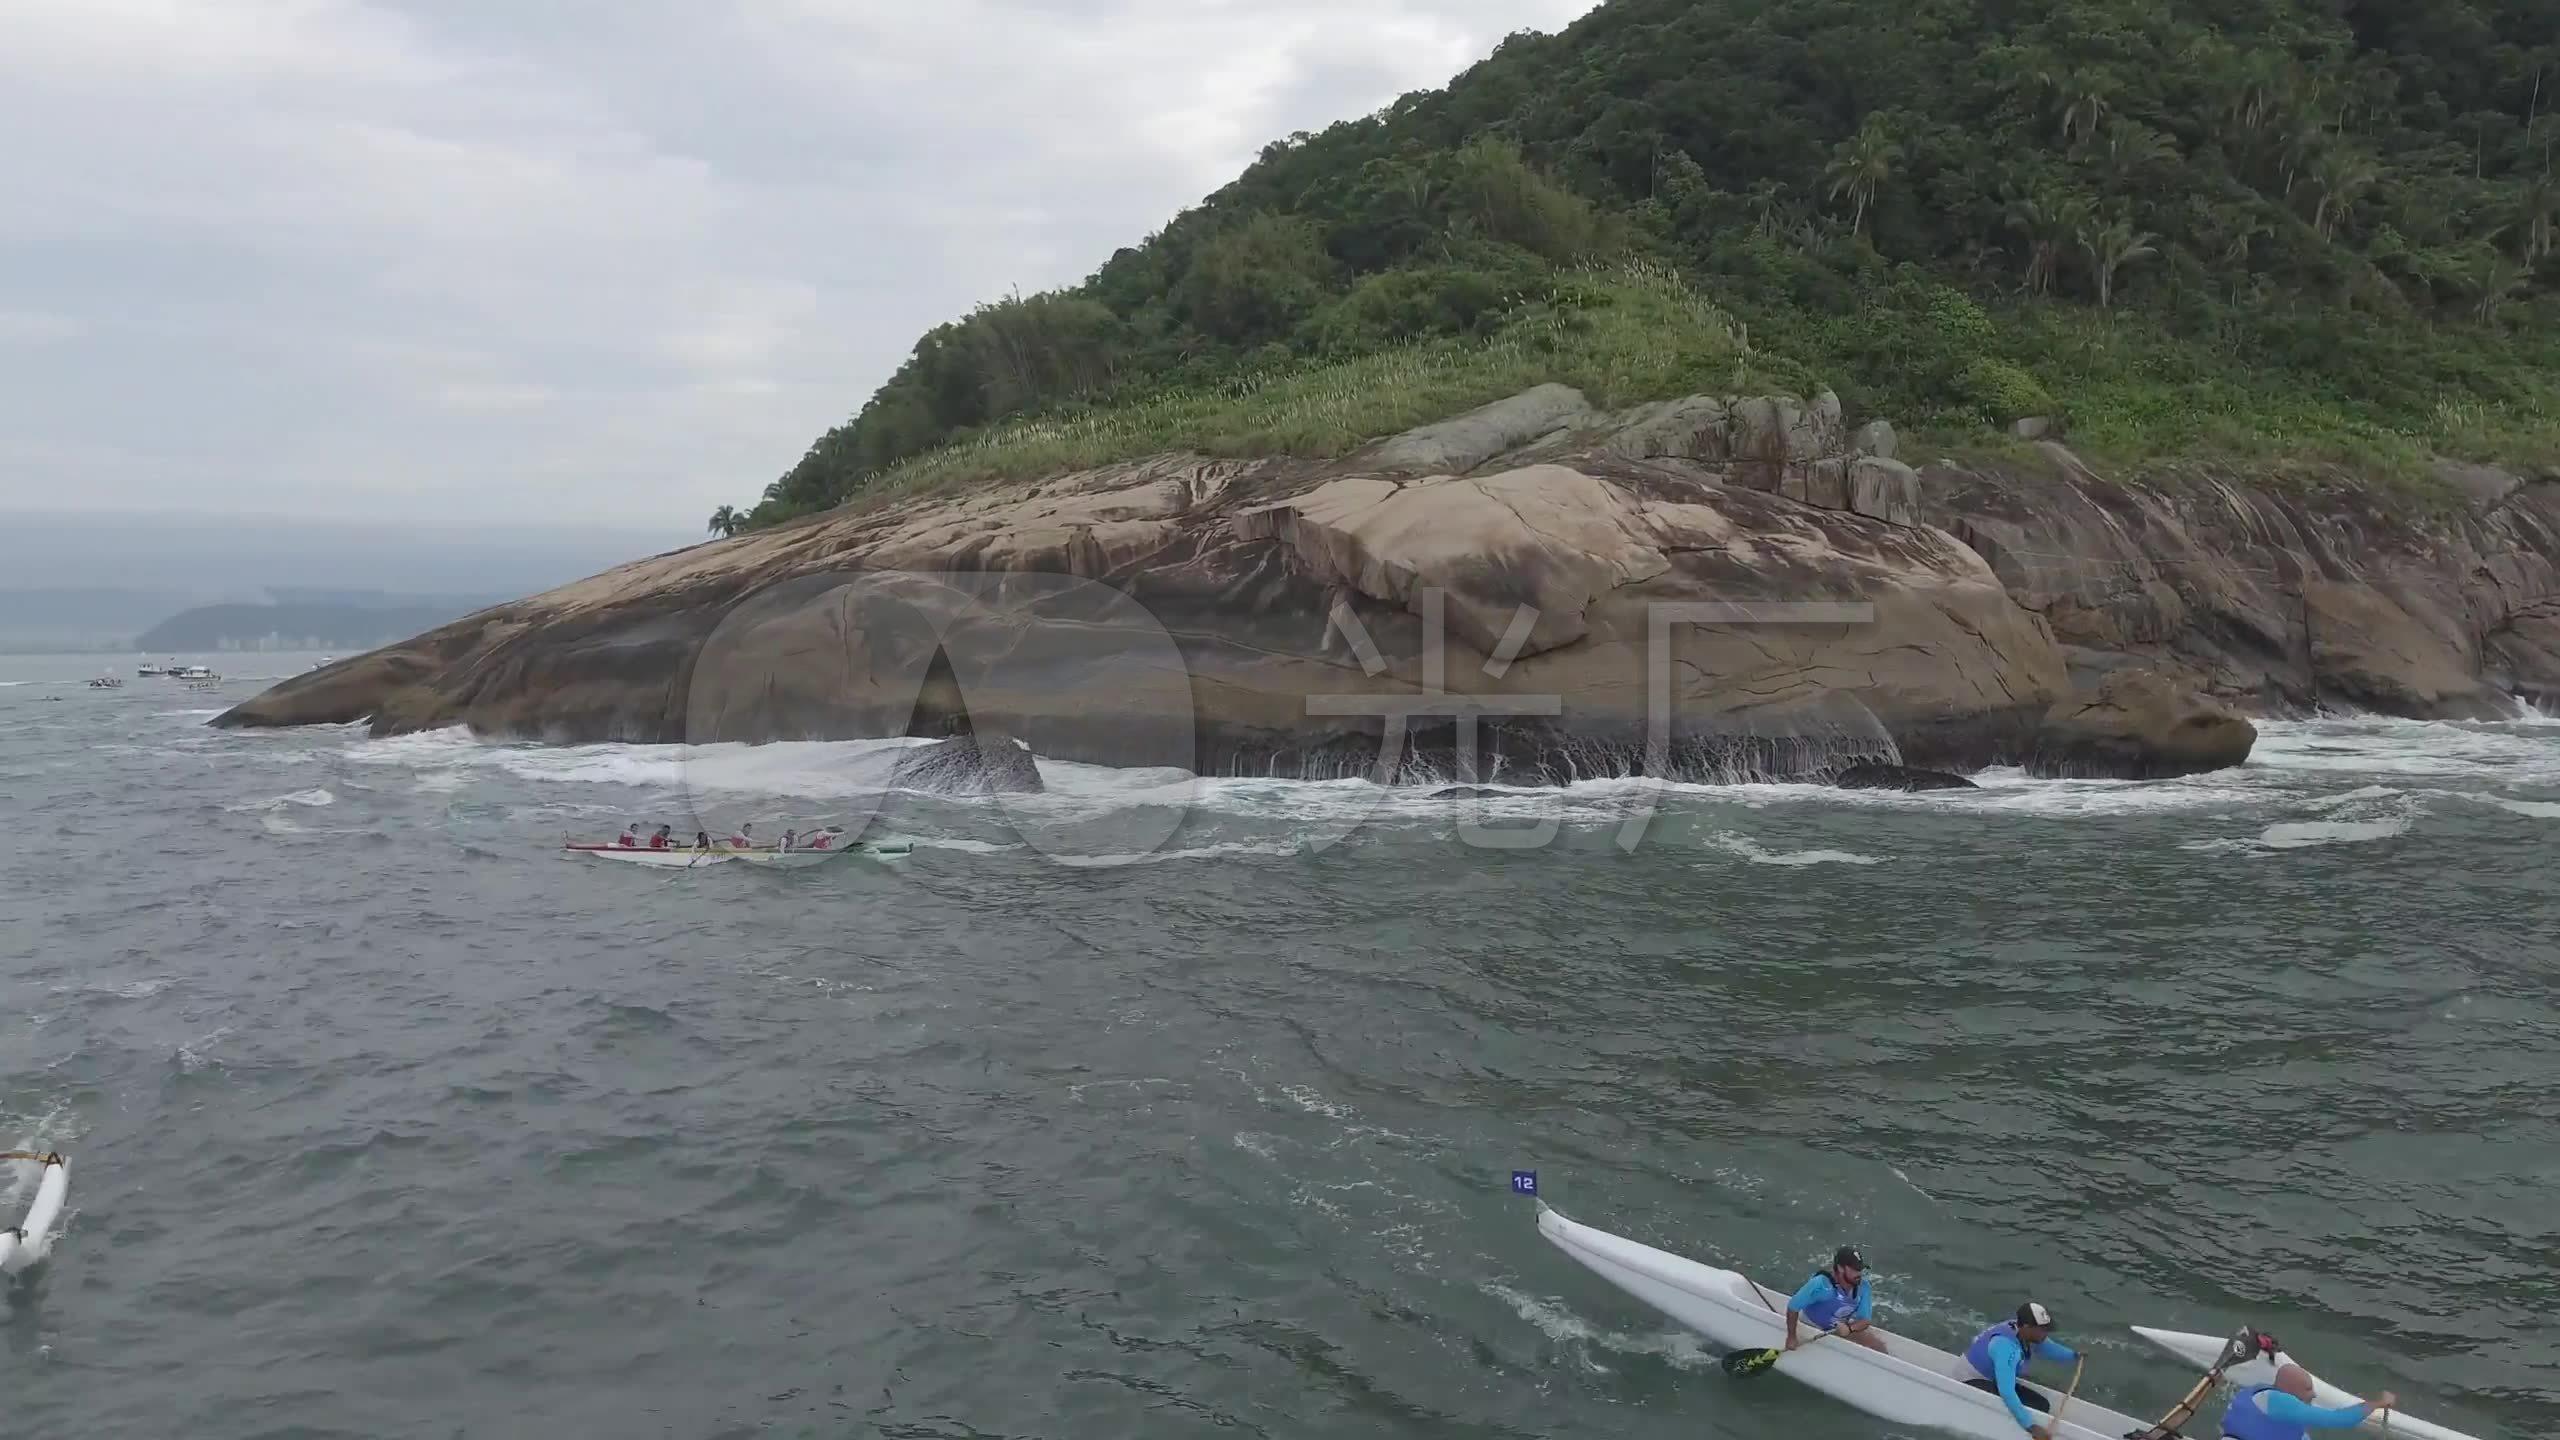 运动赛艇皮划艇体育竞赛比赛划桨竞争航拍_2刘皓敏健美图片